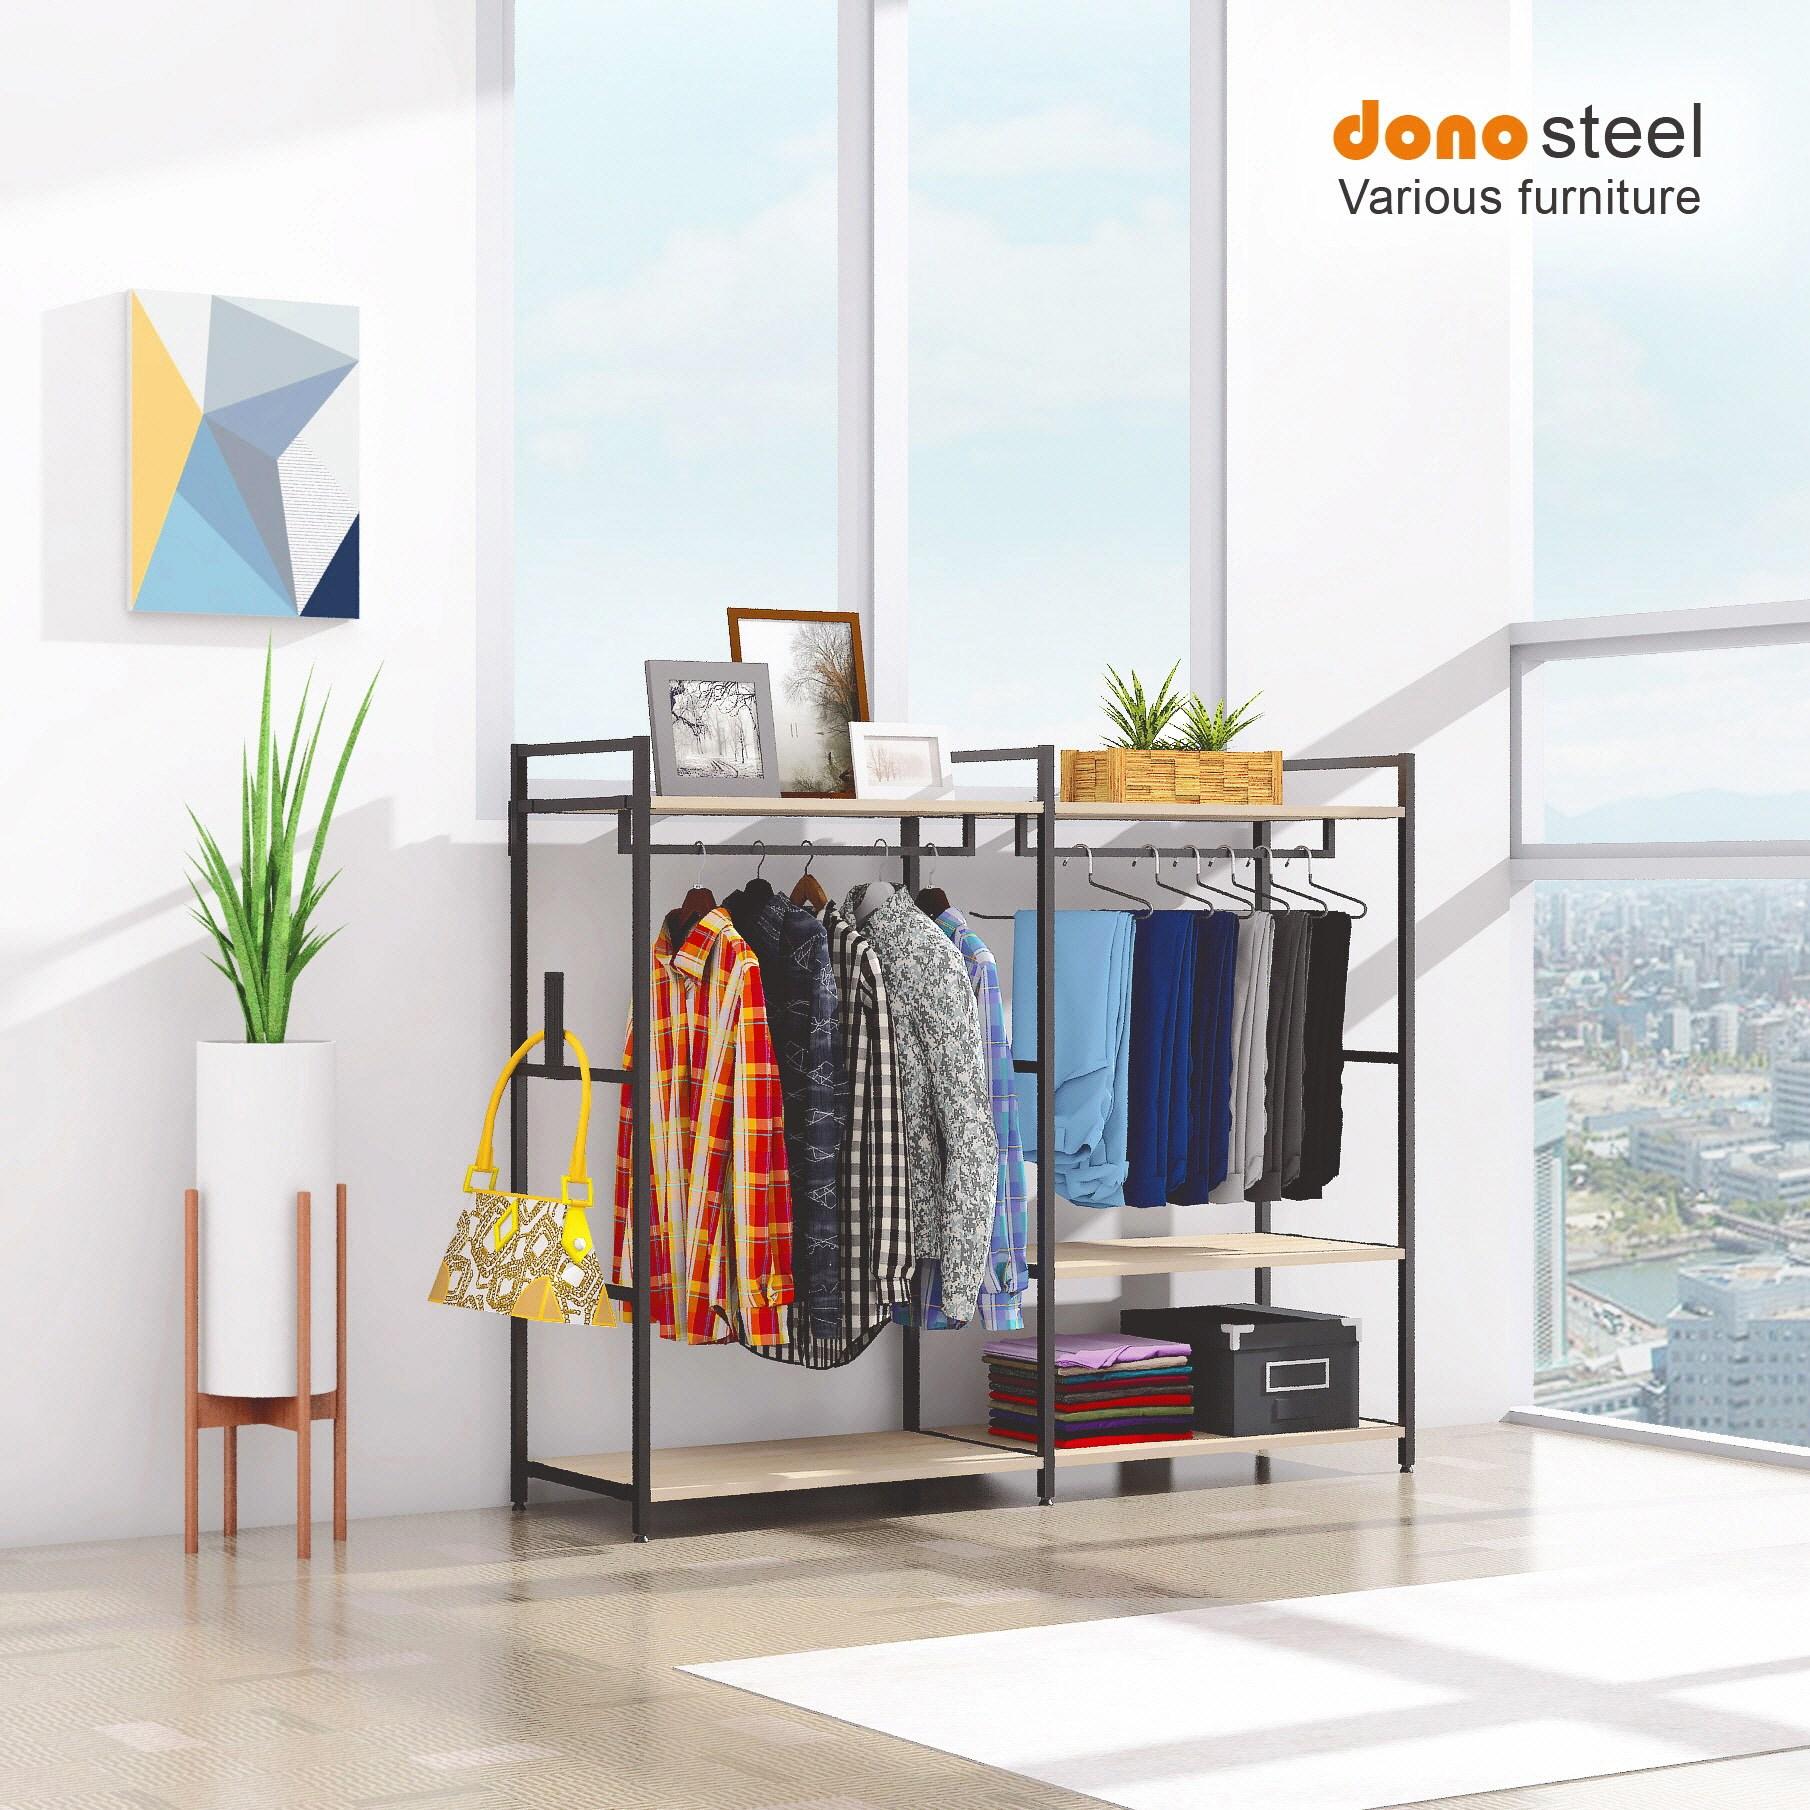 도노스틸 올리카옷장 6단4단 2칸 드레스룸 시스템옷장 철제, E2. 옷장 4단2칸 (1행거+바지걸이)-도노오크